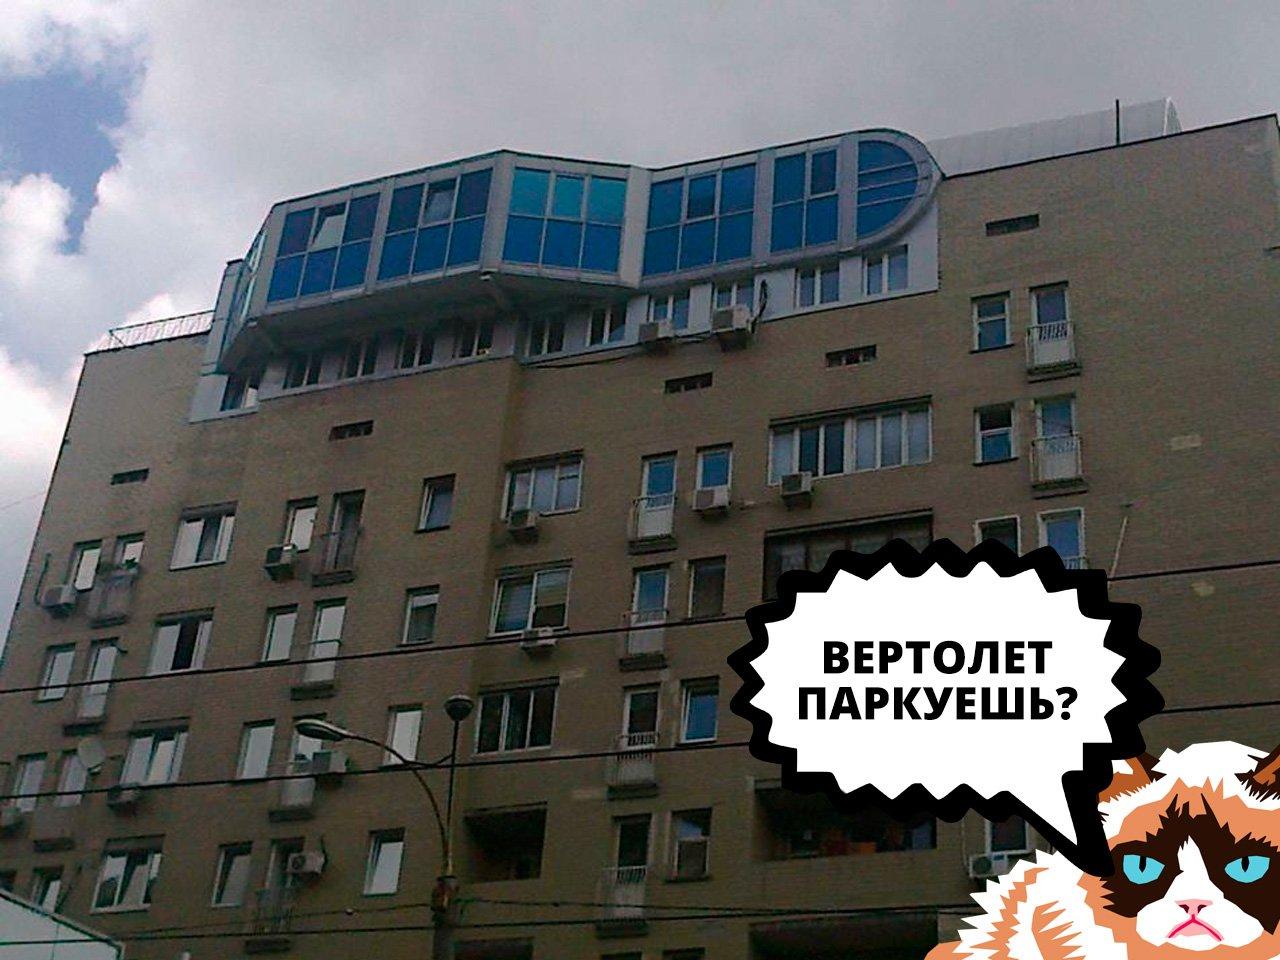 Царь-балконы наступают: как киевляне реагируют на эпидемию, фото-7